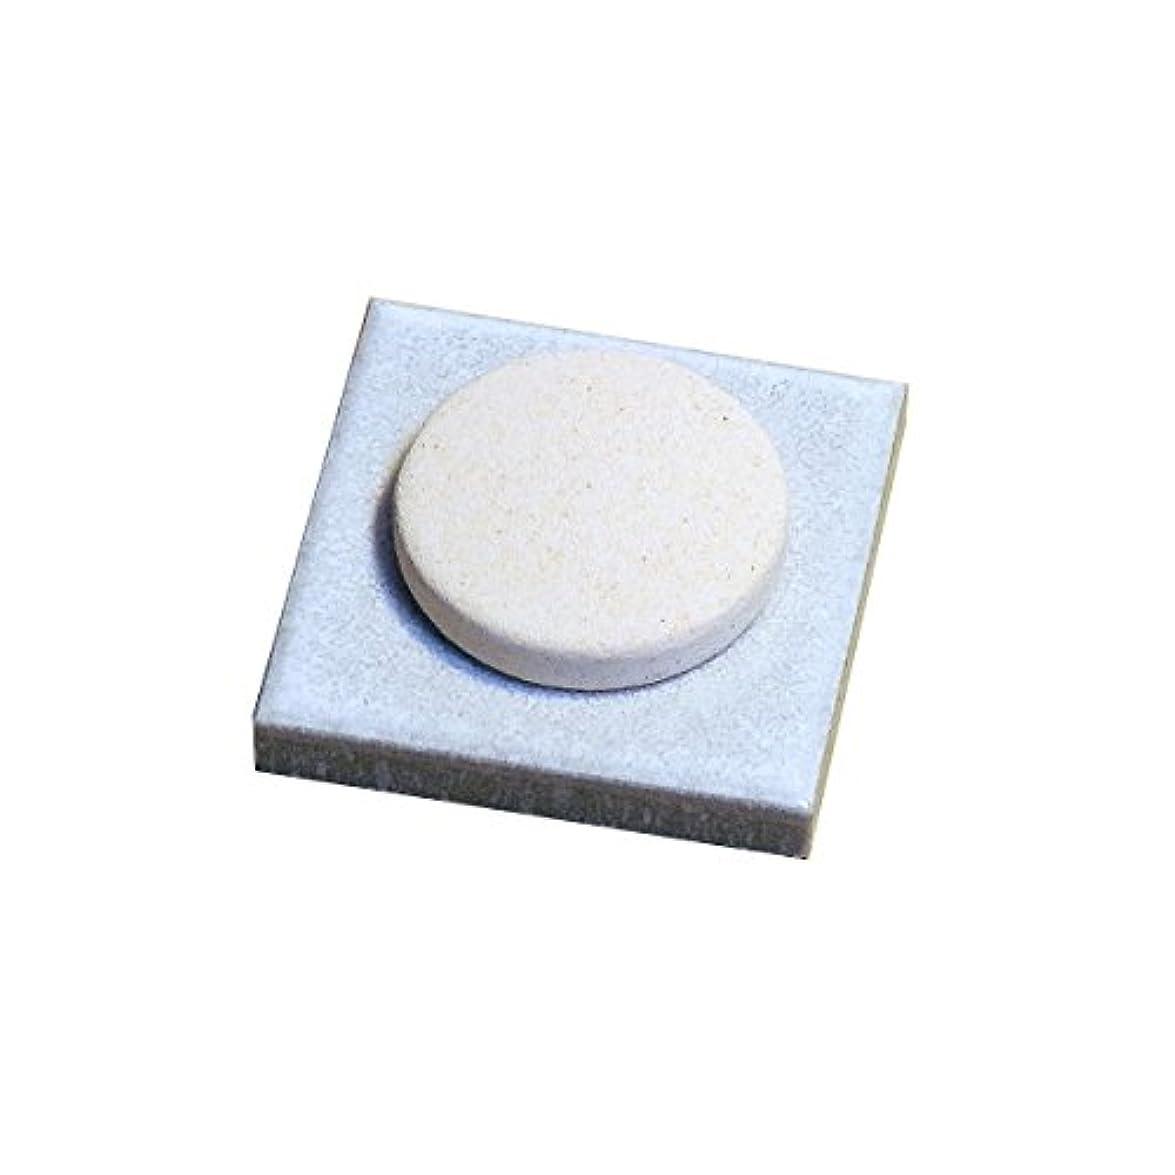 バングバター急性〔立風屋〕珪藻土アロマプレート美濃焼タイルセット ホワイト(白) RPAP-01003-WT